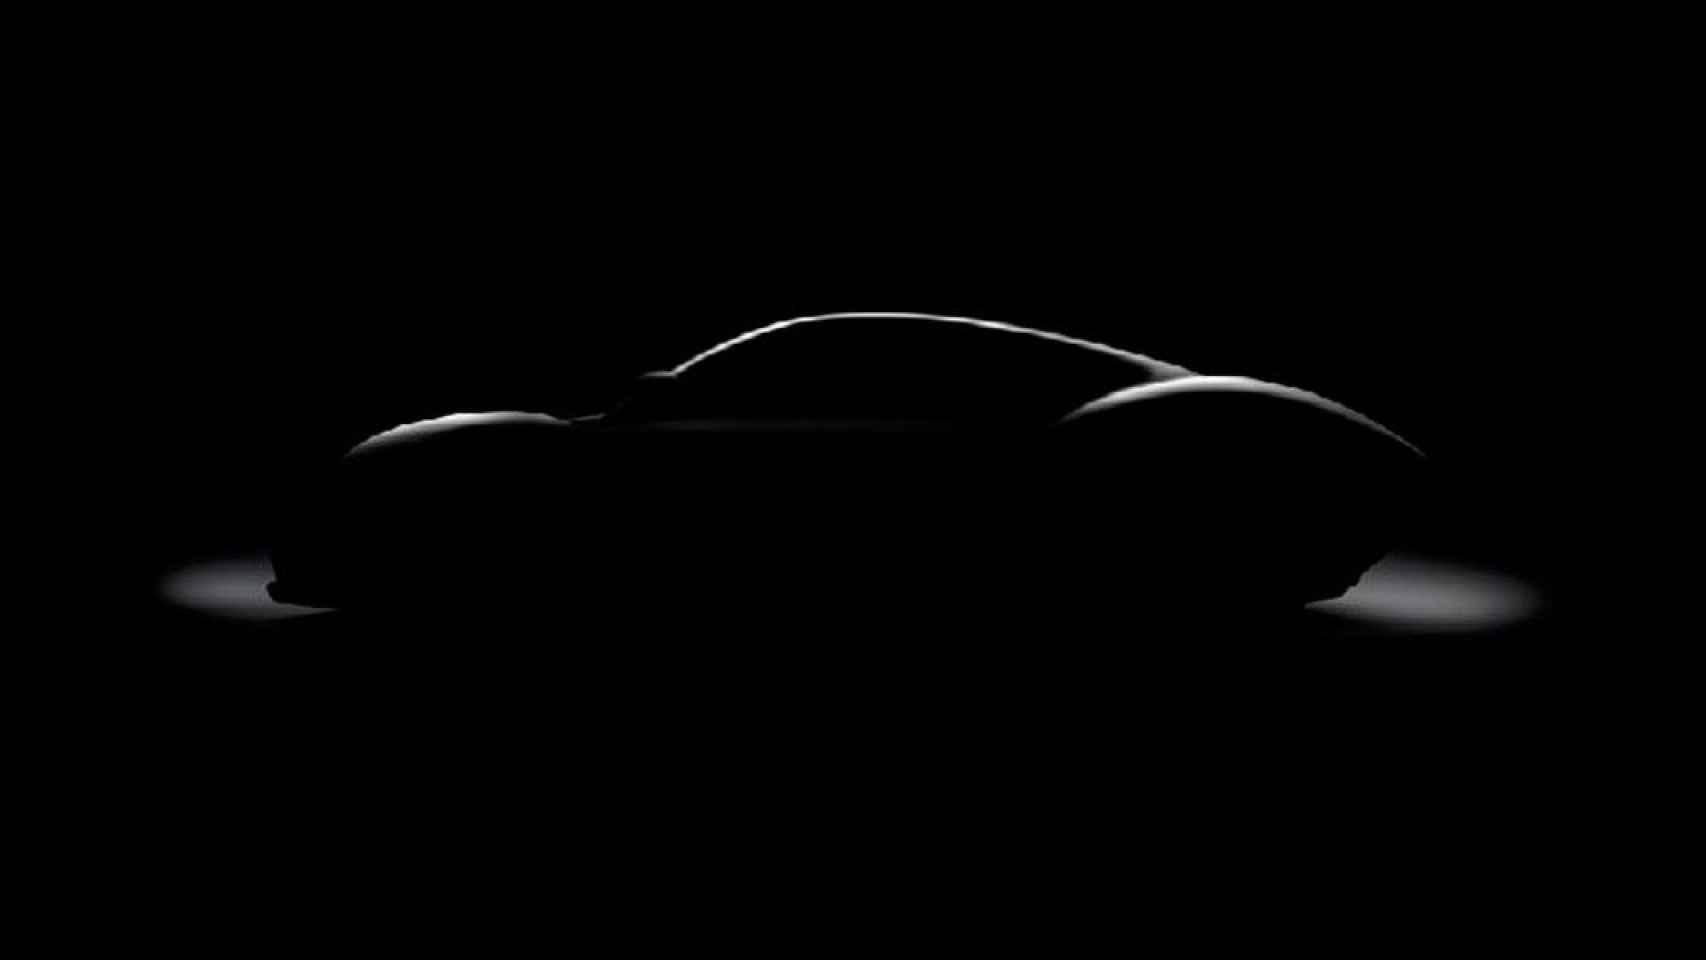 Silueta del prototipo que Hispano Suiza presentará en el próximo salón de Ginebra.